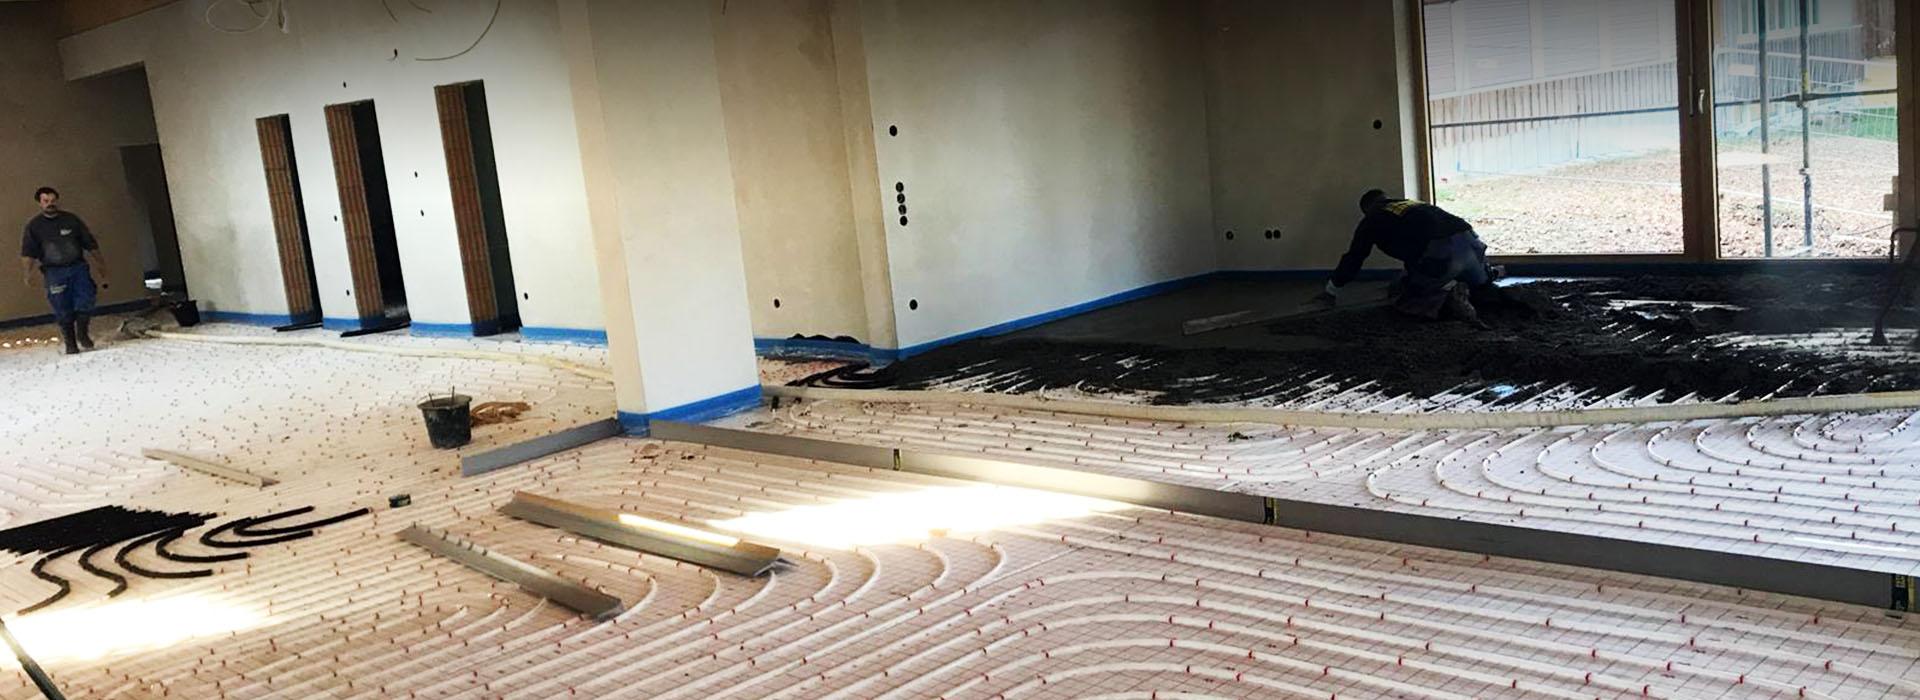 Energieeffiziente Fußbodenheizung